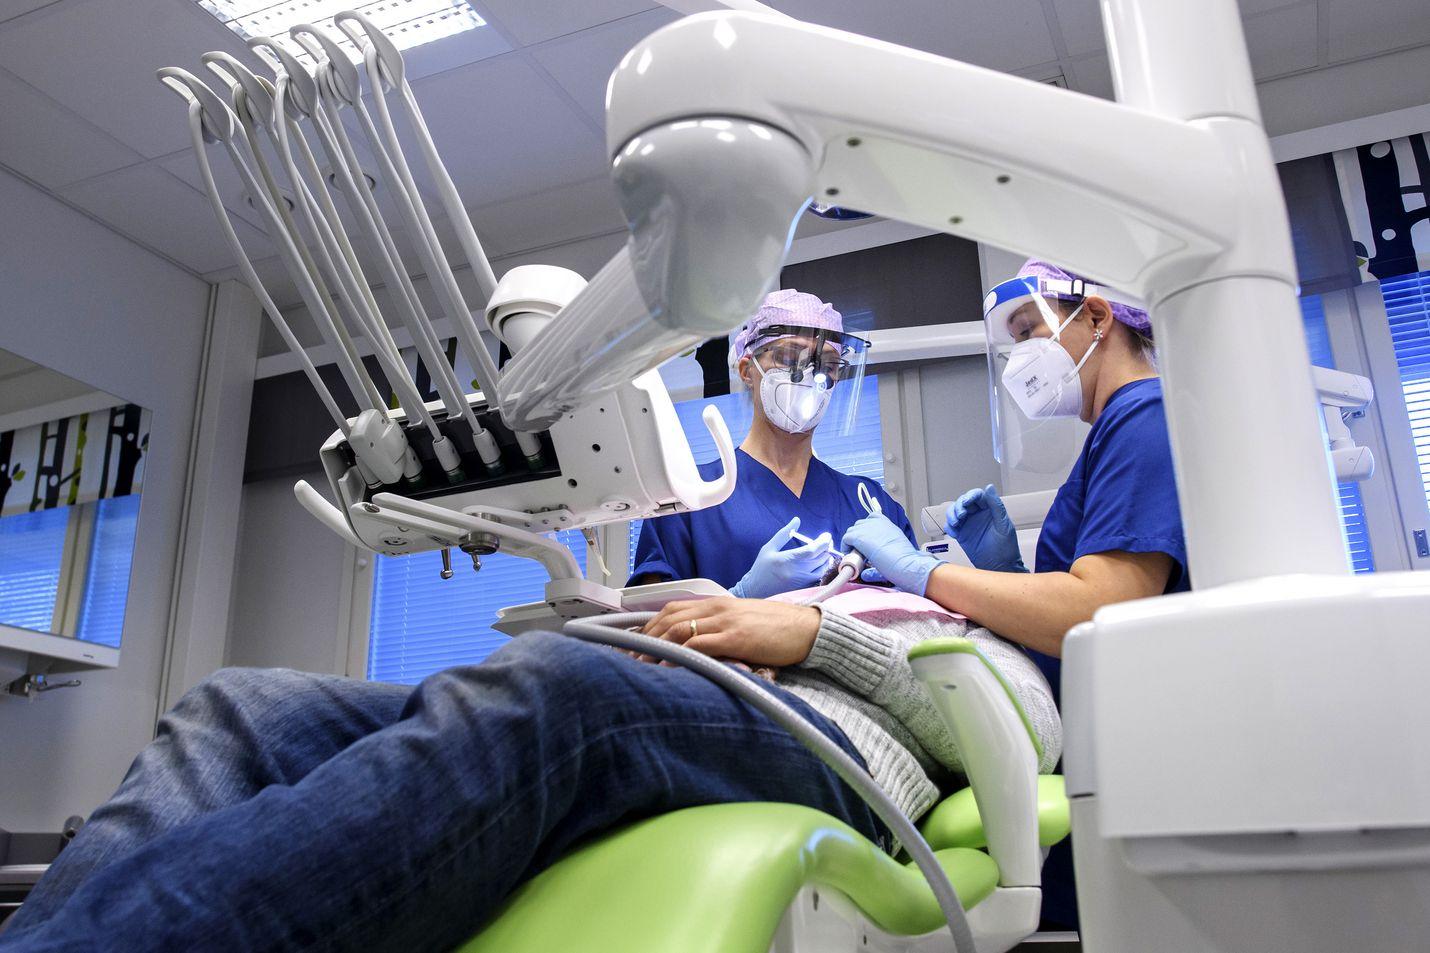 Monilla paikkakunnilla hoitajapula haittaa myös hammashoitoa. Kokkolassakin julkisen hammashoidon henkilökunta on kovilla. Vastaava hammaslääkäri Miia Korkiakoski ja hammashoitaja Tiina Riutta-Mitsou hoitavat potilasta Koivuhaan hammashoitolassa.